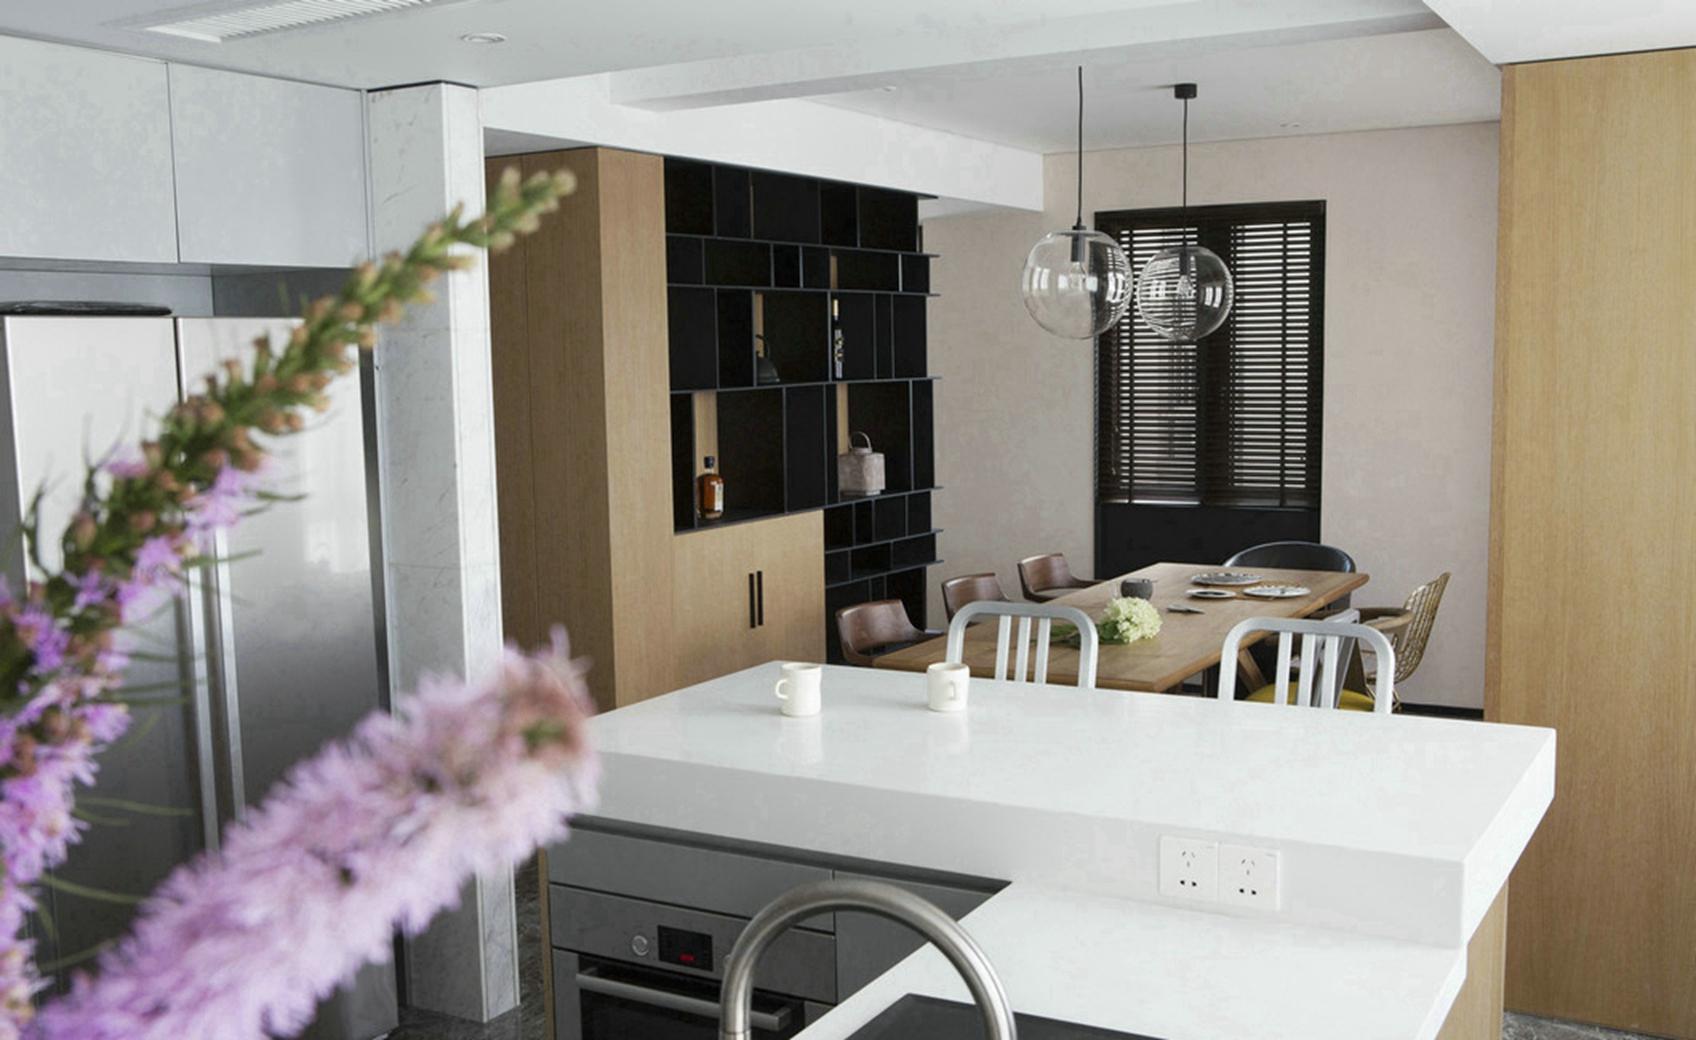 厨房和餐厅是一体化,开放式的,拉长了整个空间收纳充足